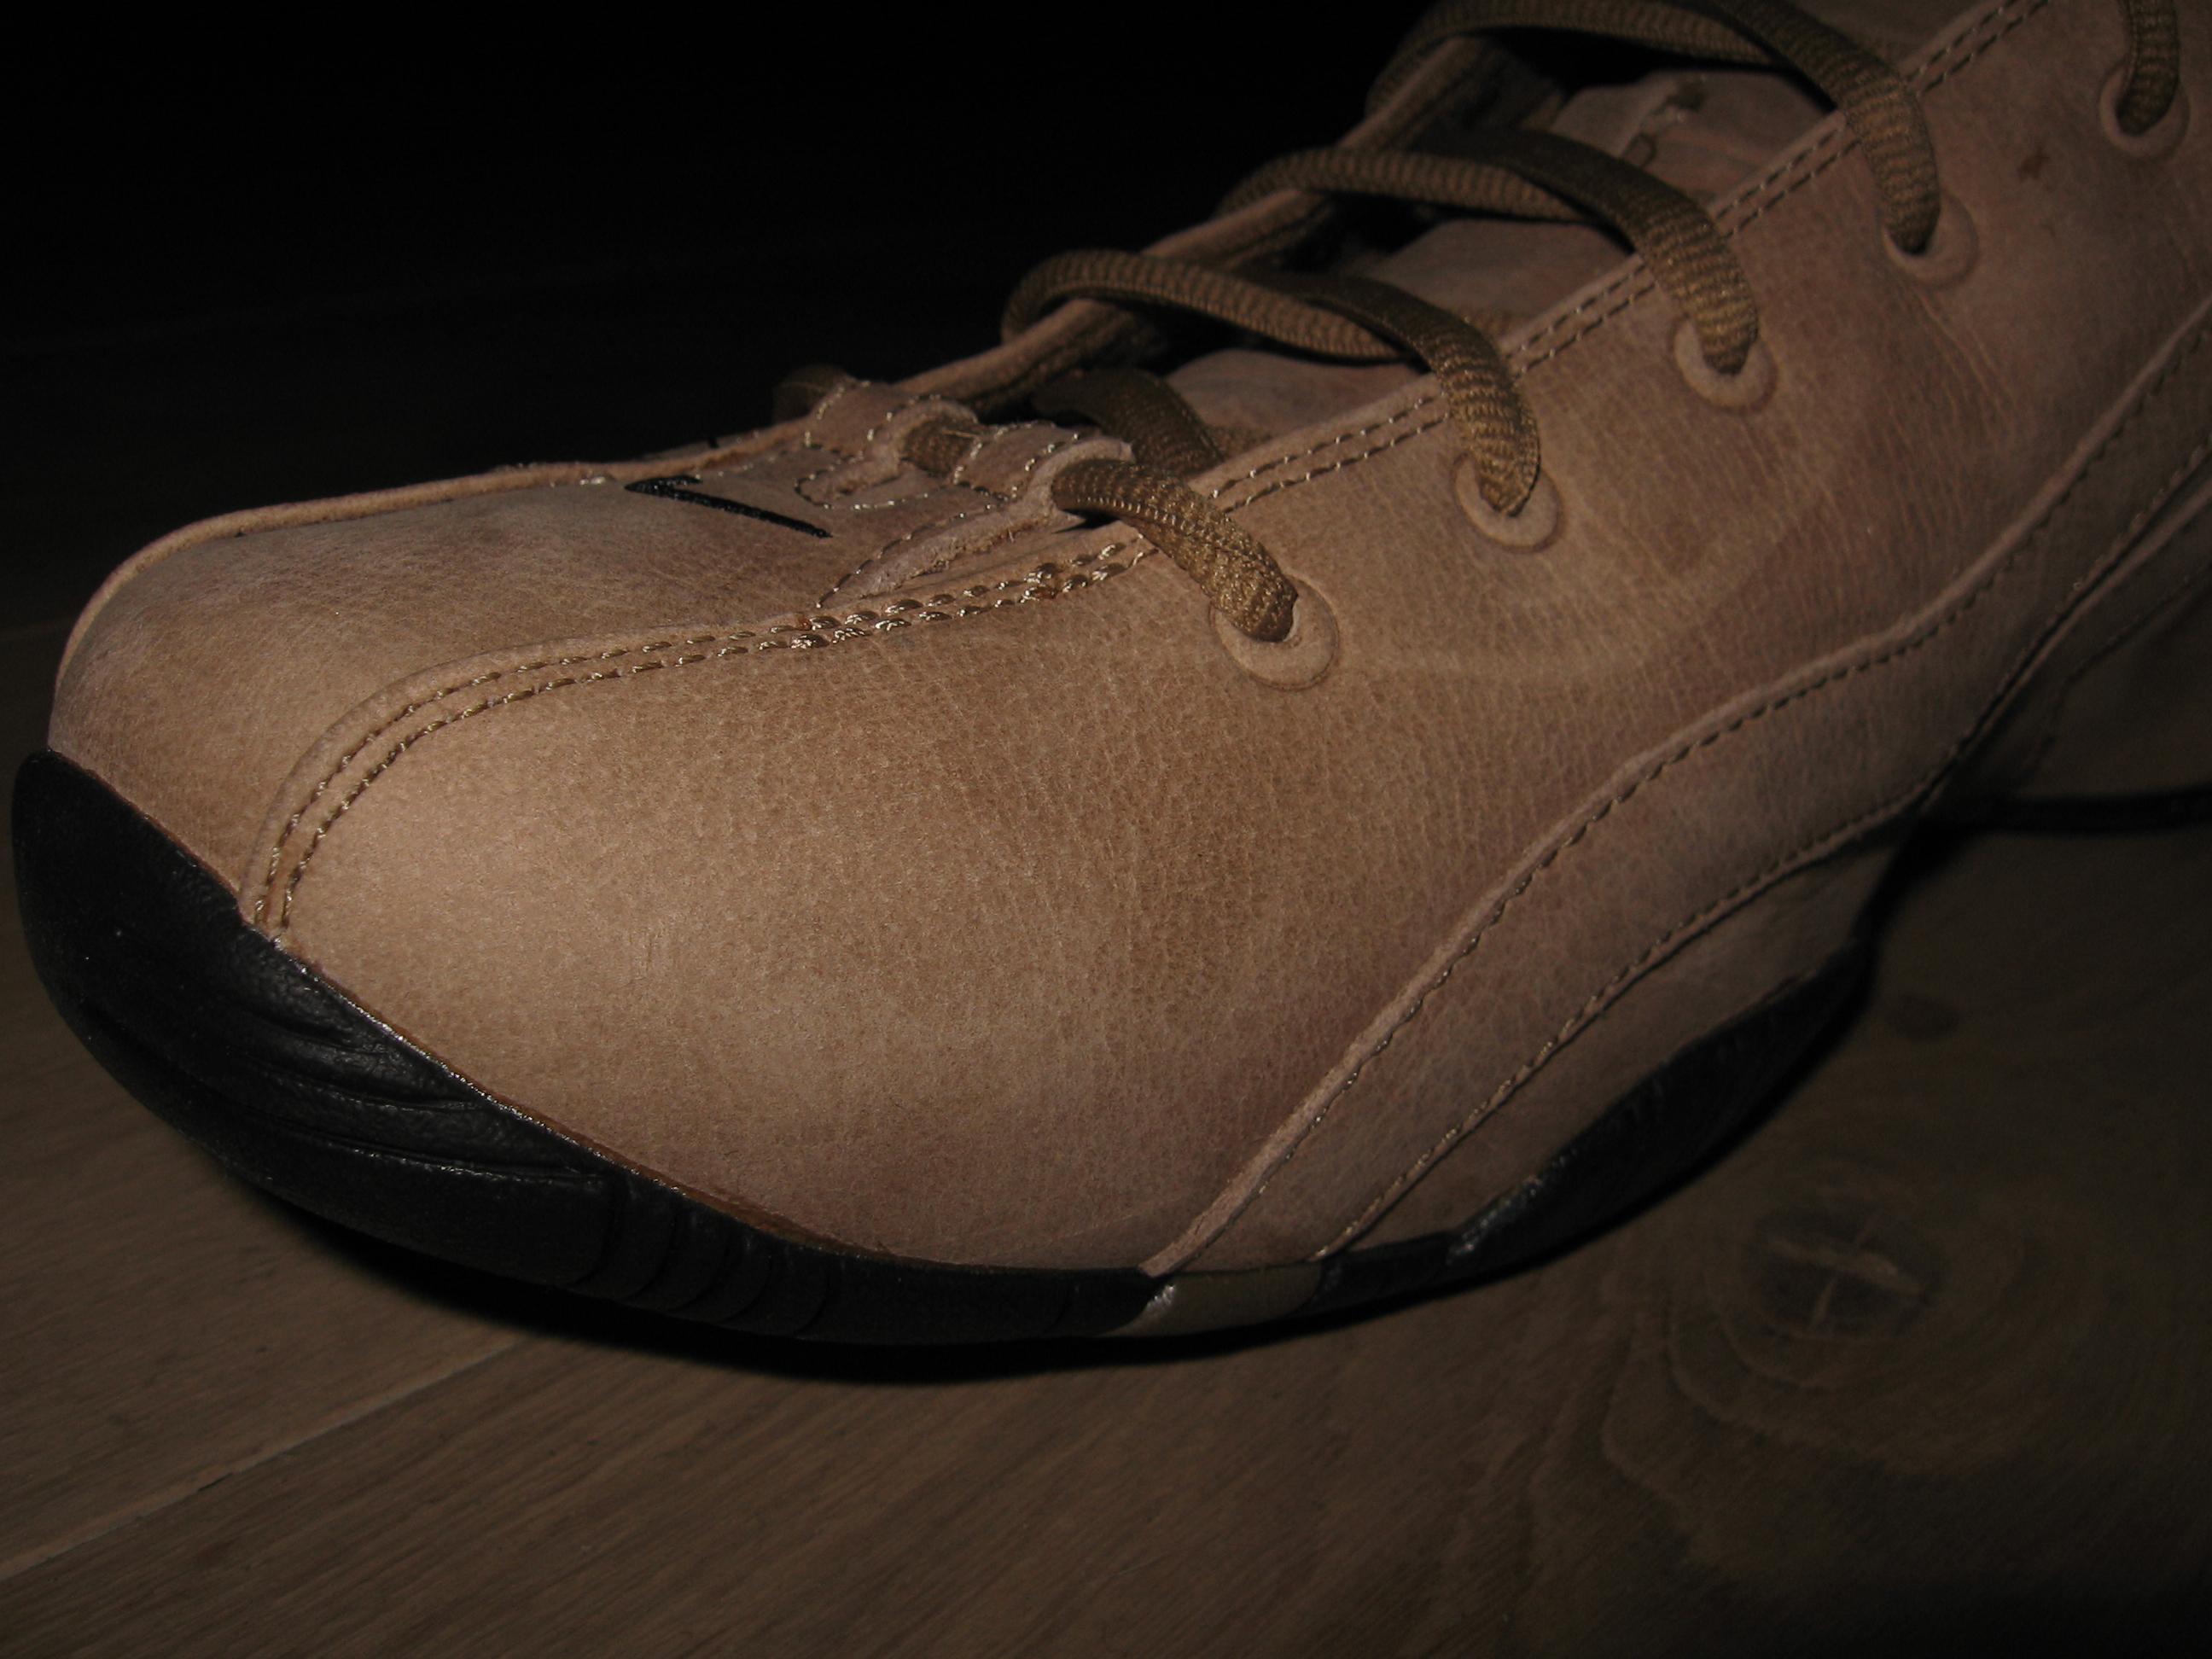 Нубук: что за материал для обуви, искусственный или натуральный, виды (промасленный, гидрофобный), лучше ли кожа, отличия от замши